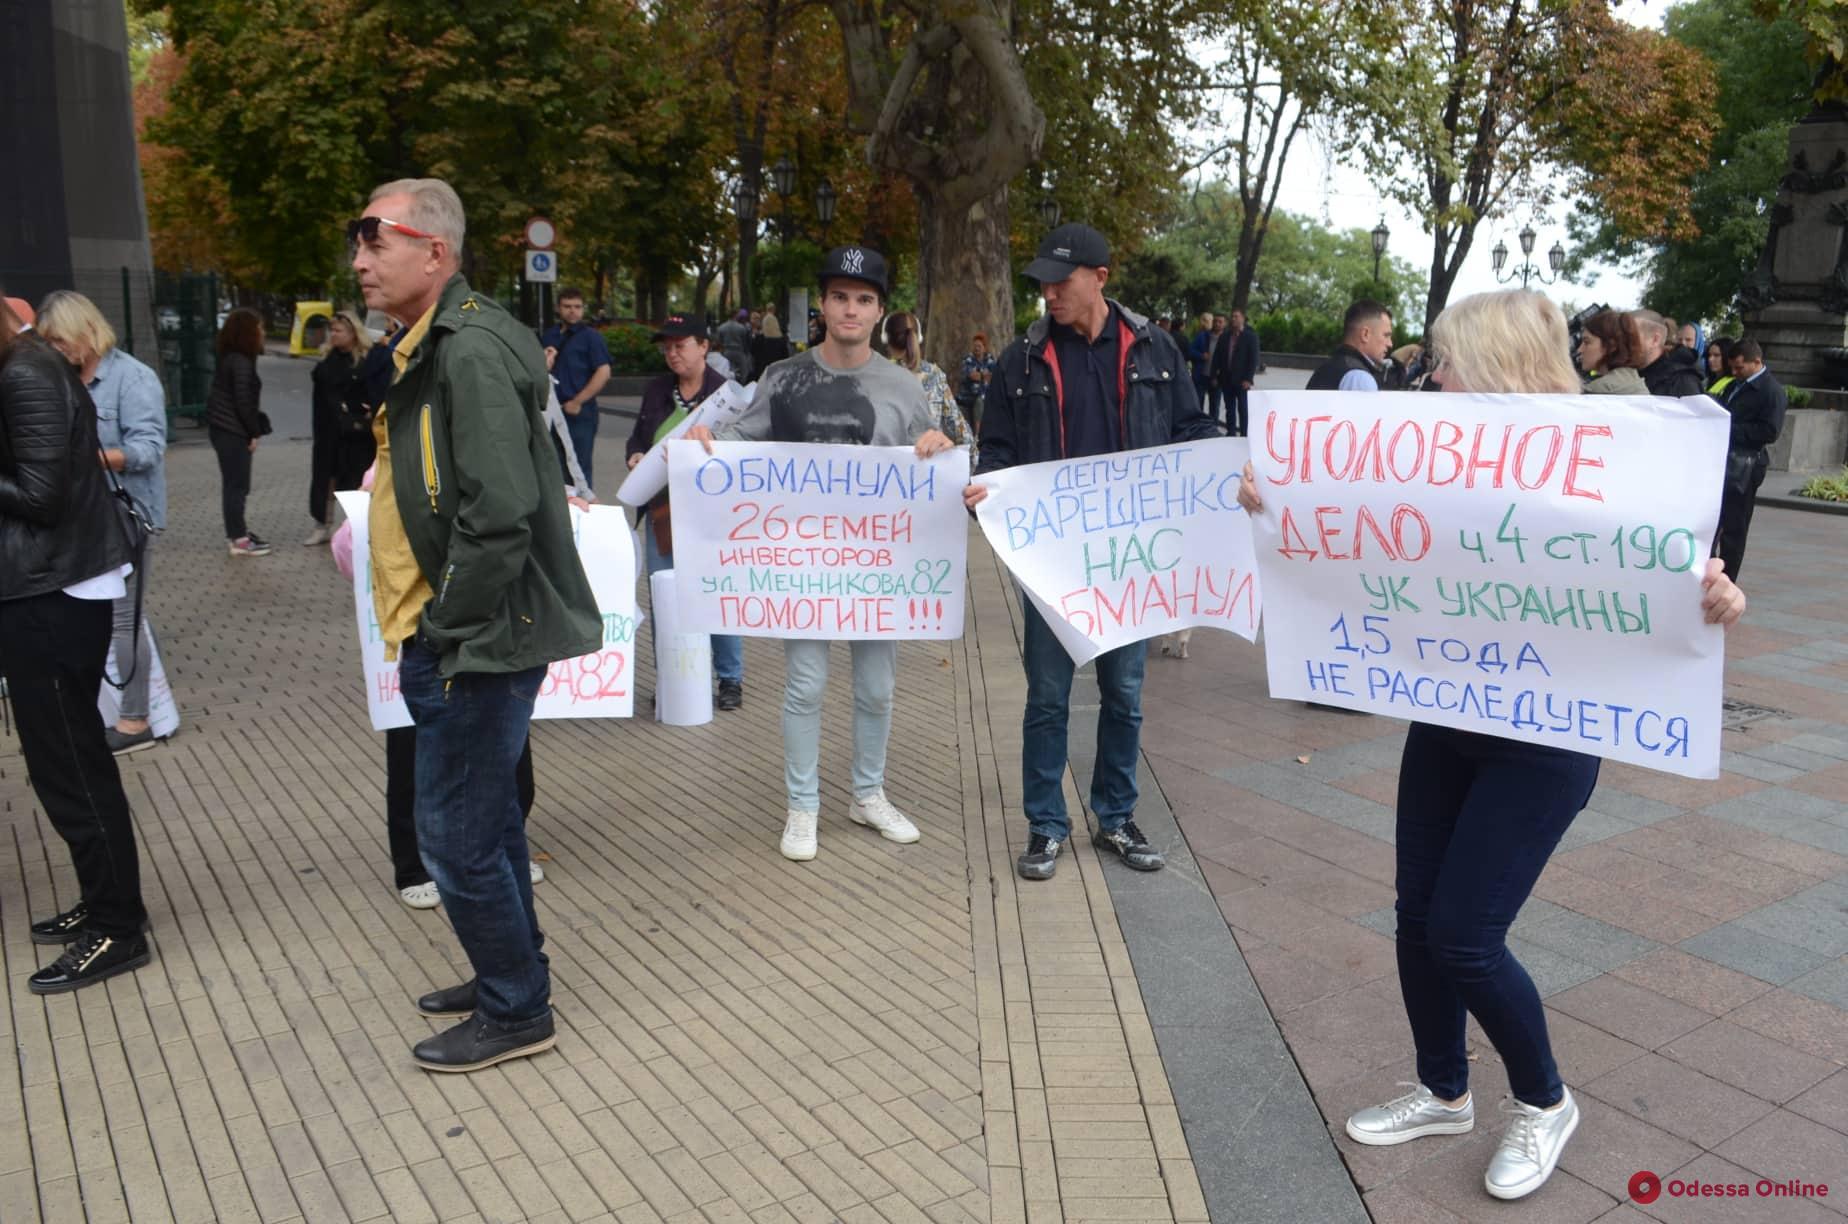 На Думской площади 15 активистов требовали досрочных местных выборов